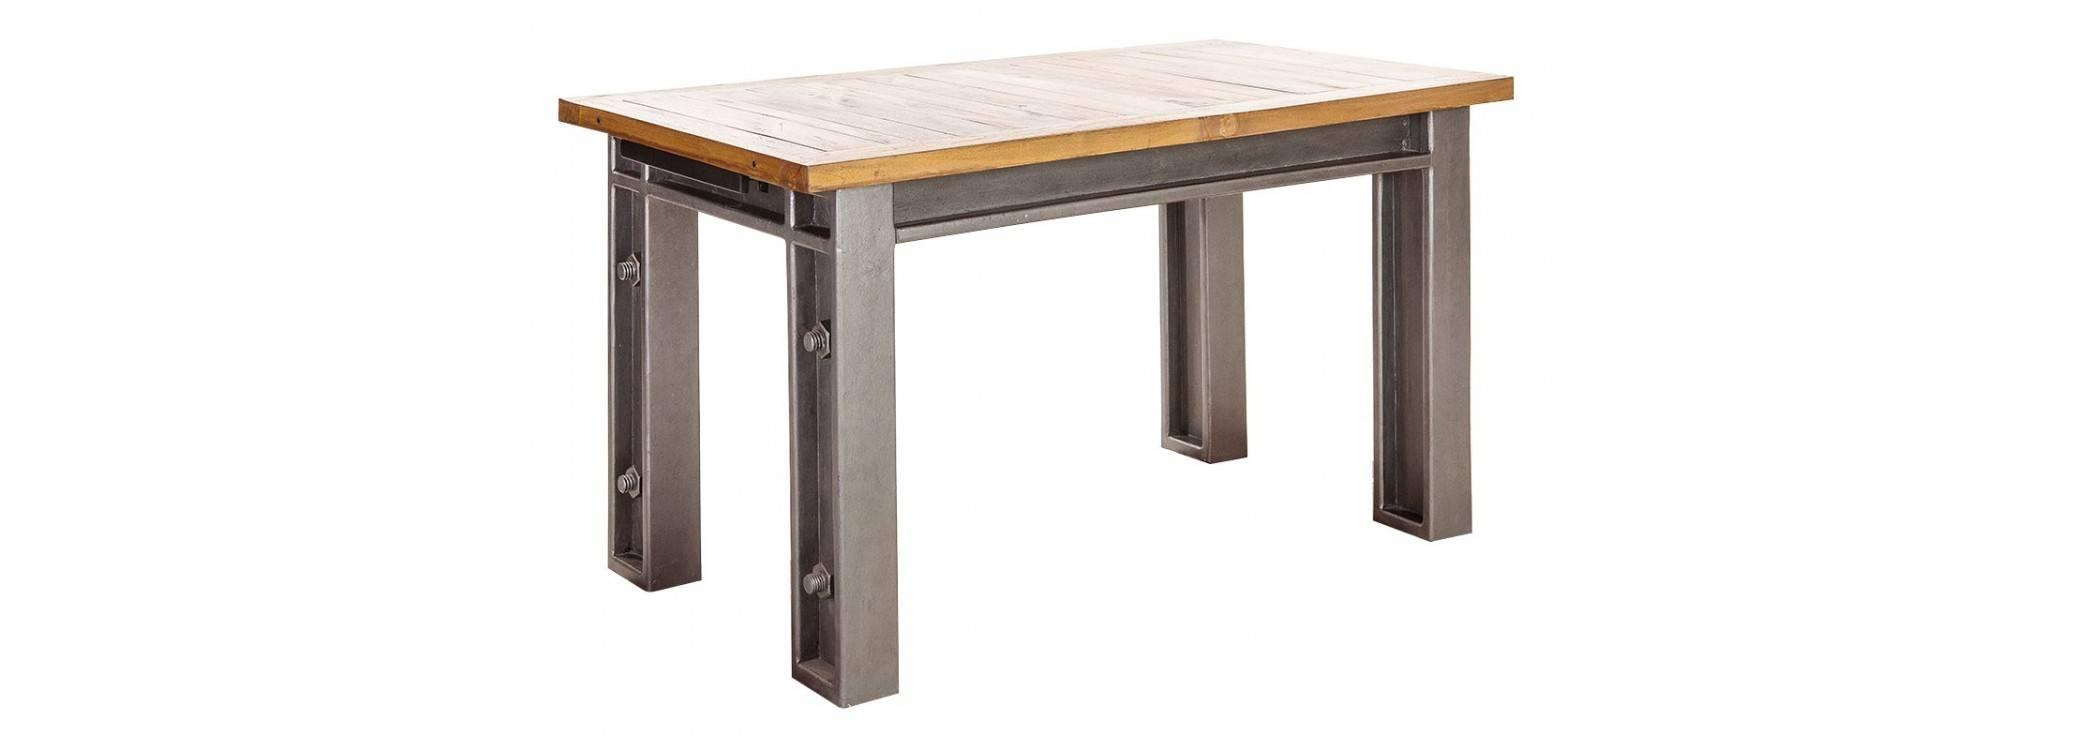 Table repas extensible industrielle Profile